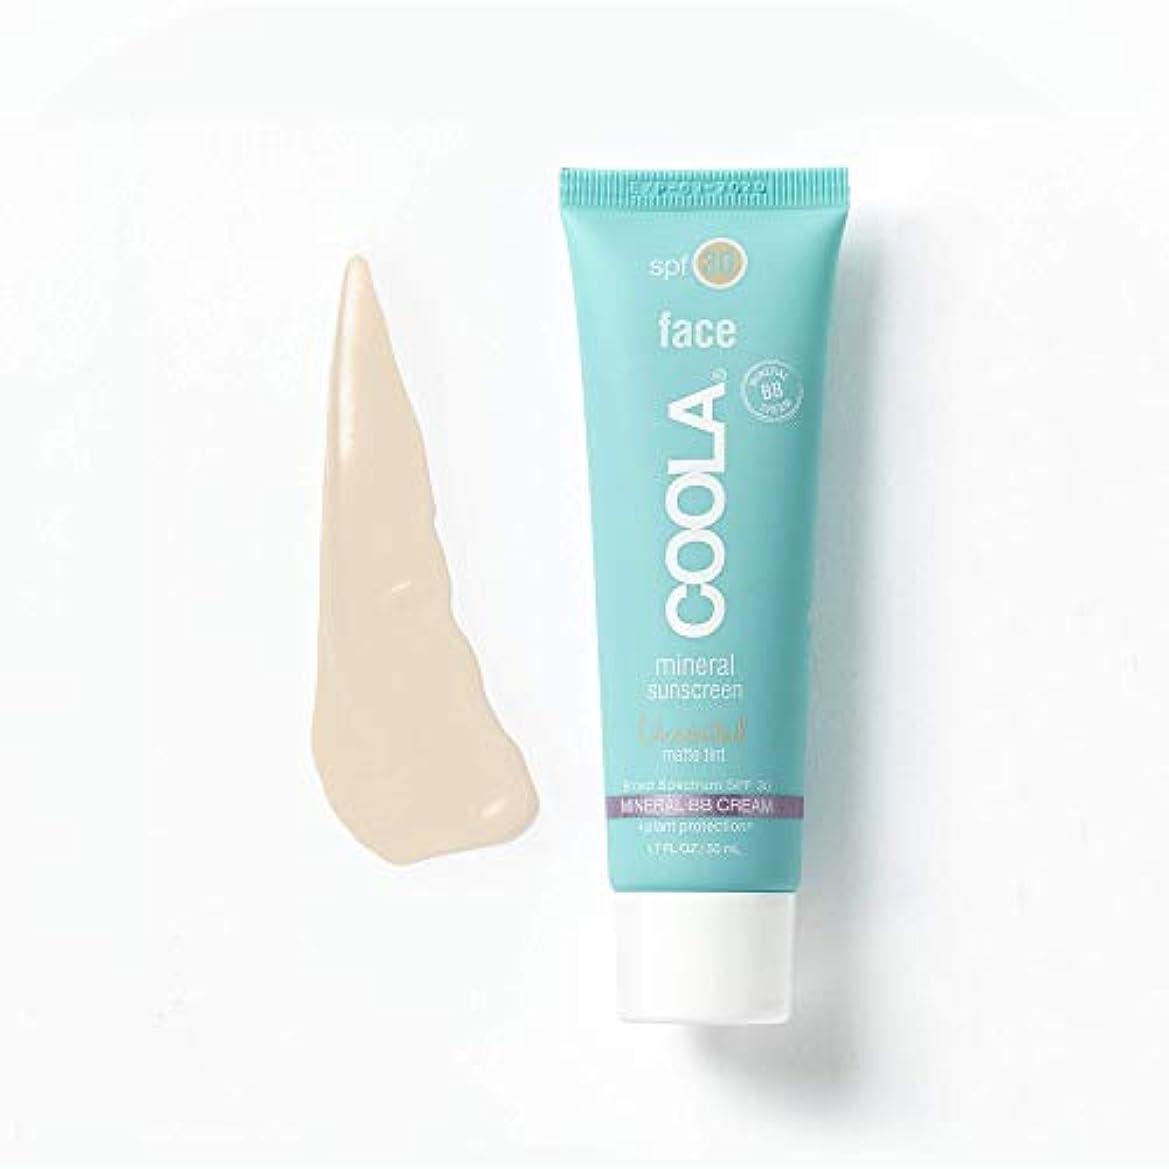 フォルダ目的遅らせるCoola Face Spf 30 Mineral Sunscreen Unscented Matte Tint (並行輸入品)